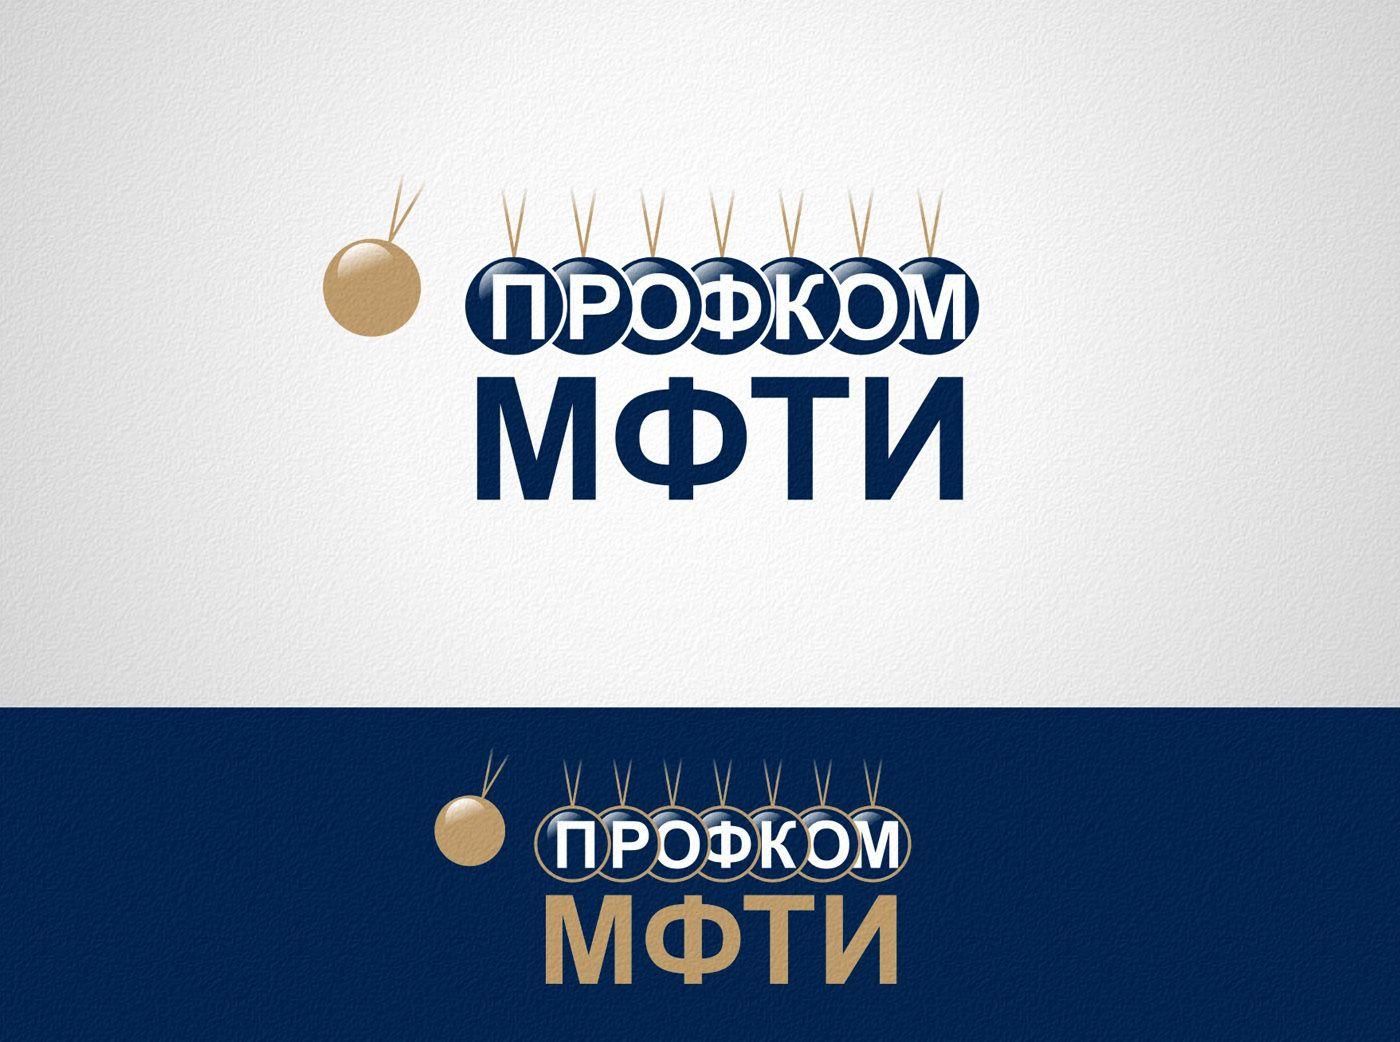 Фирменный стиль для профкома МФТИ - дизайнер Zheravin